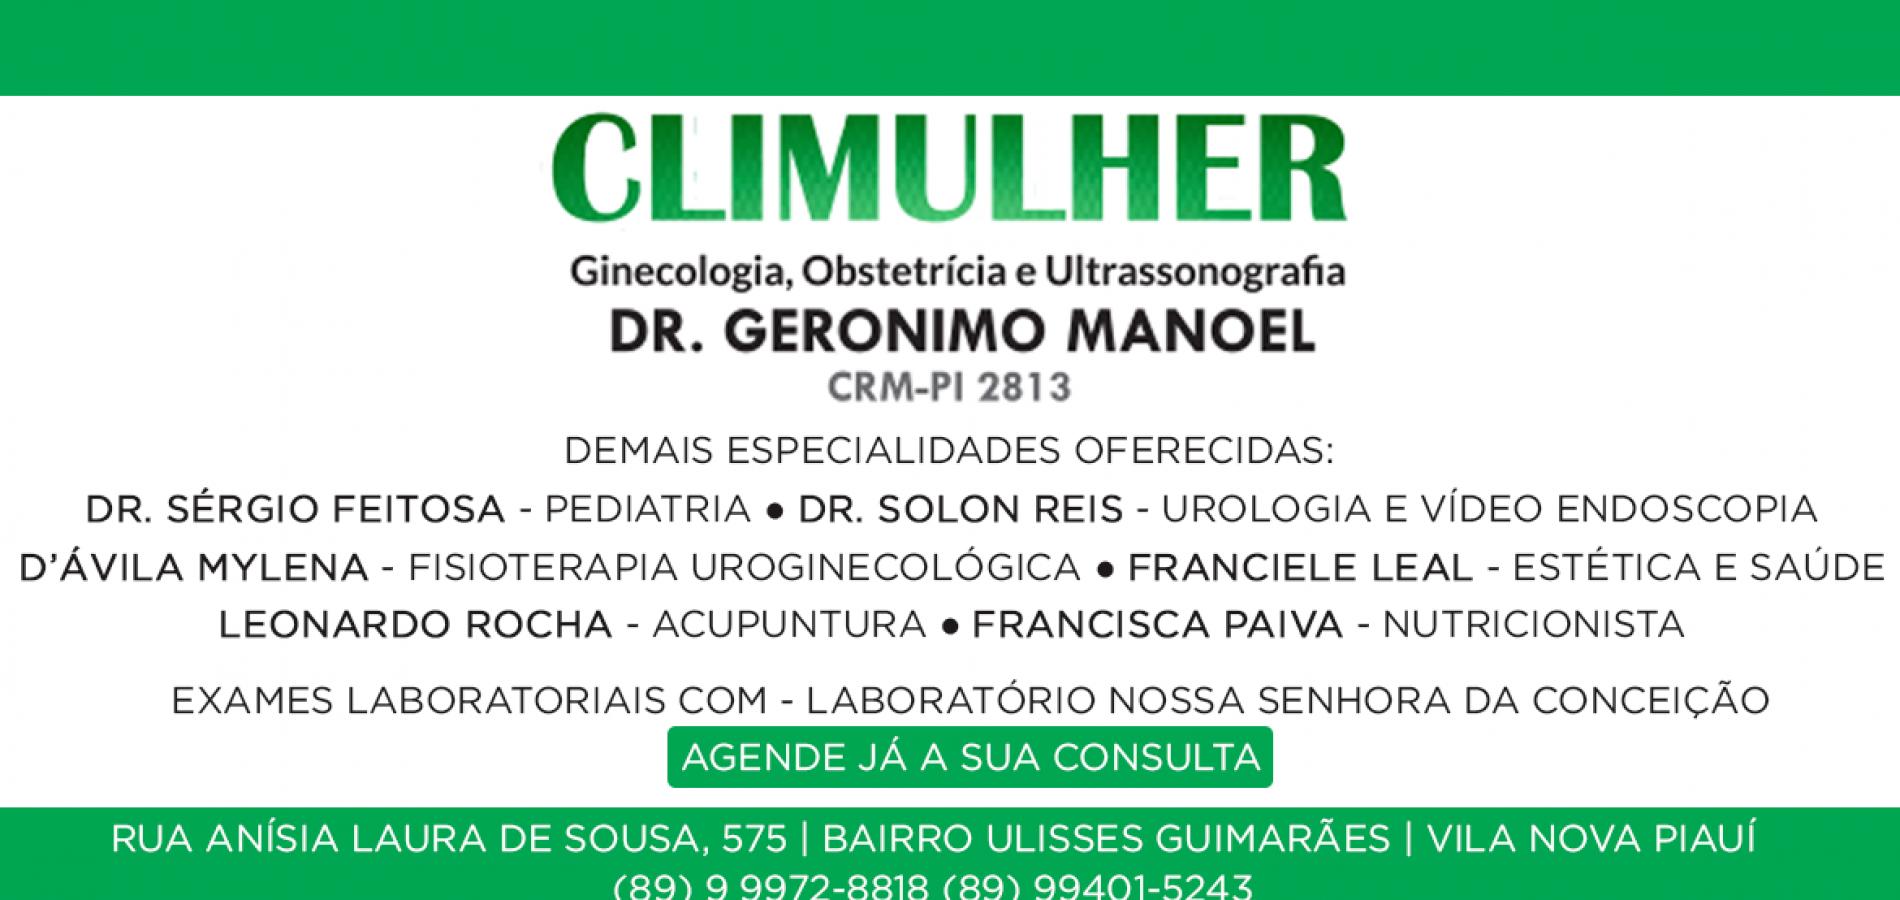 Clínica Climulher se destaca na oferta de serviços médicos em Vila Nova do Piauí